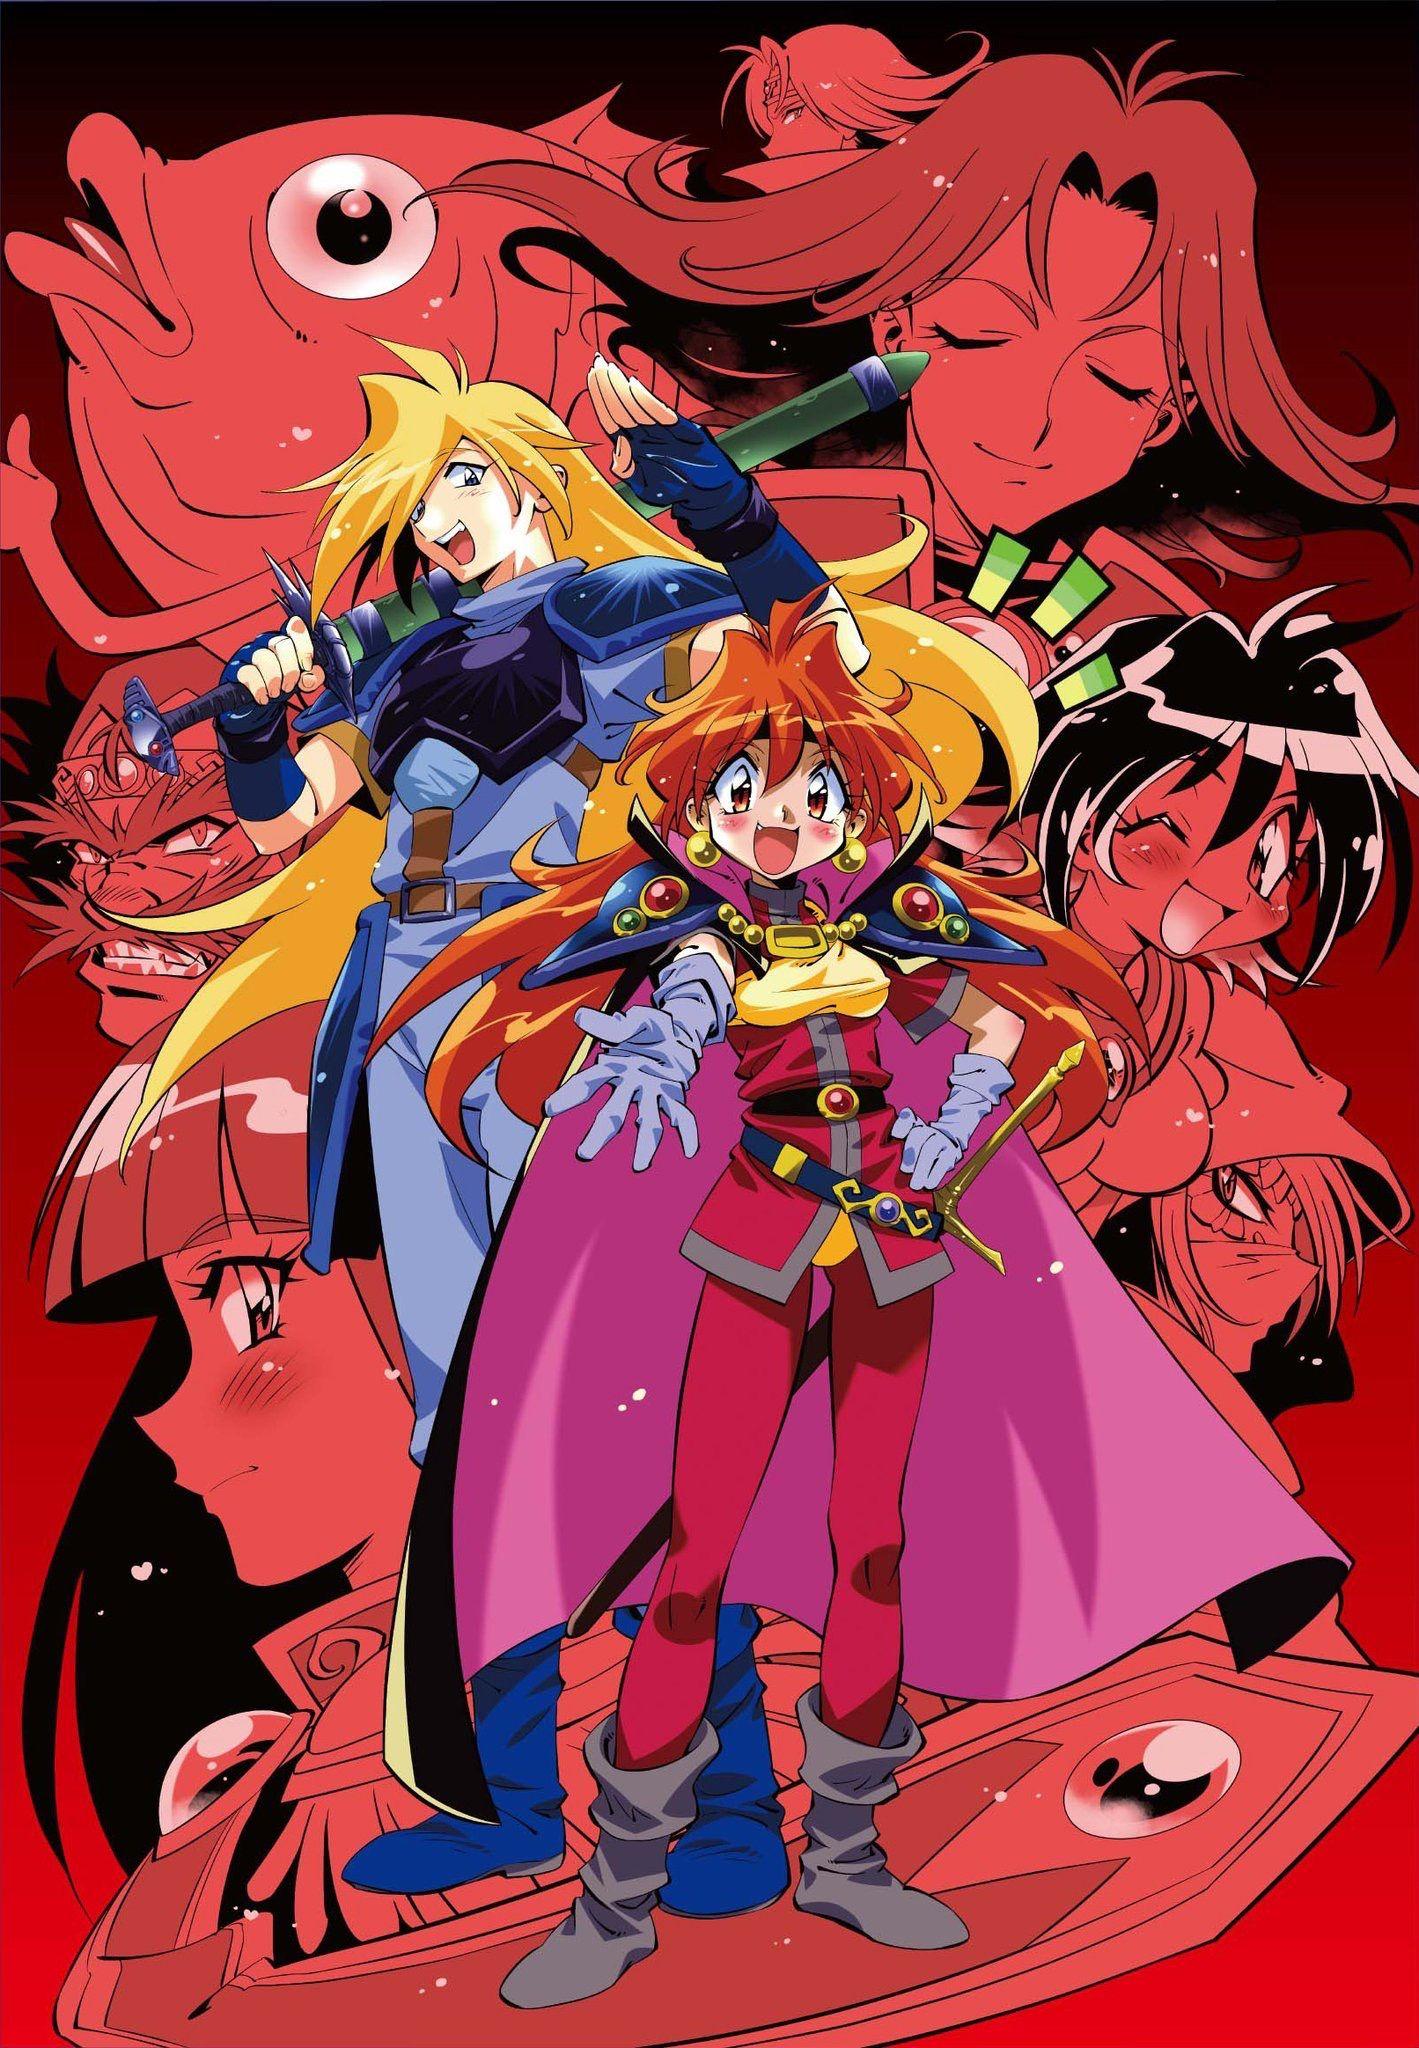 スレイヤーズ Anime, Slayer anime, Old anime